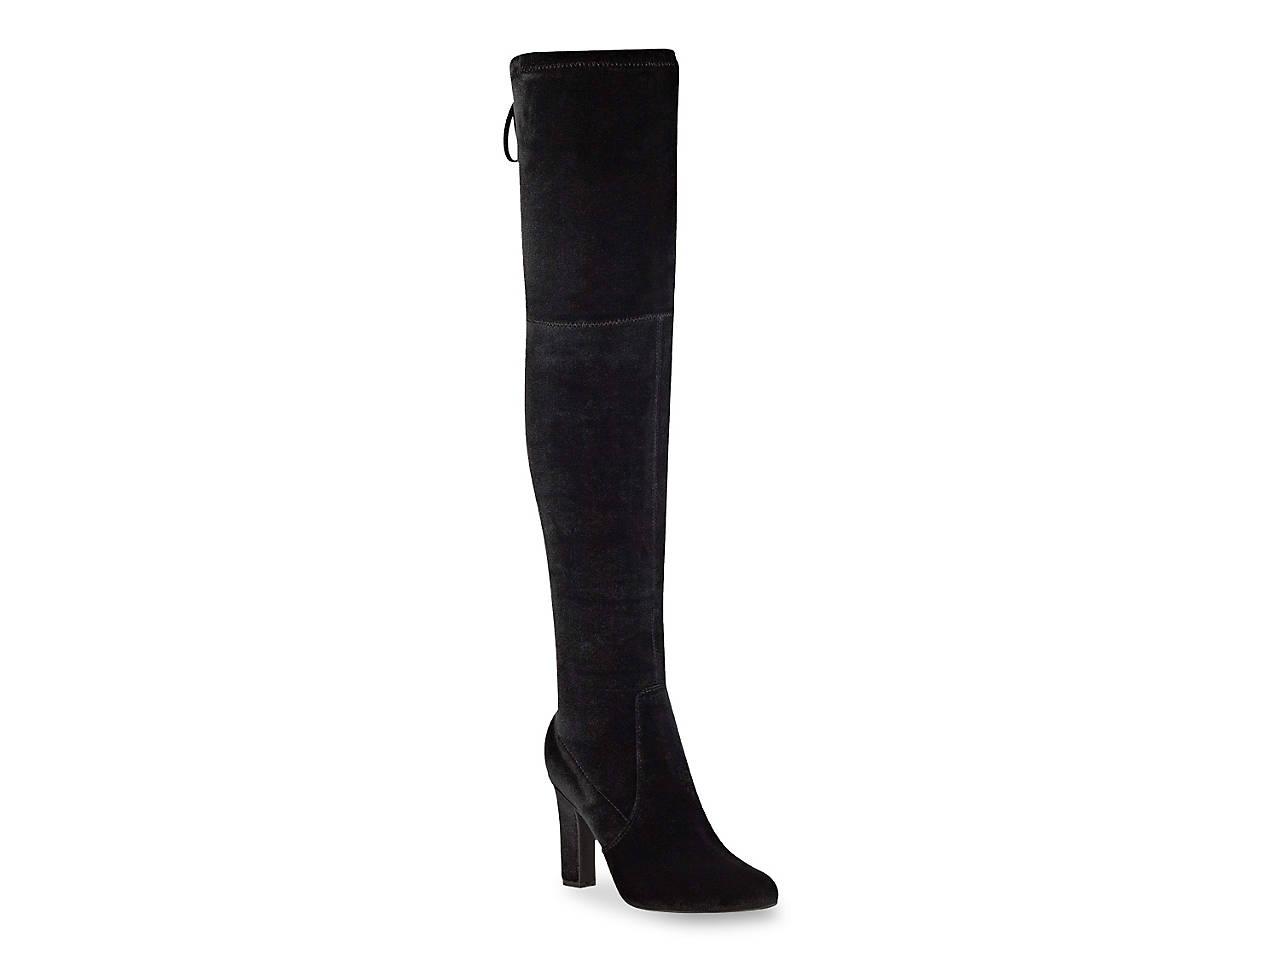 c25fca09e3e7 Unisa Saromi Over The Knee Velvet Boot Women s Shoes